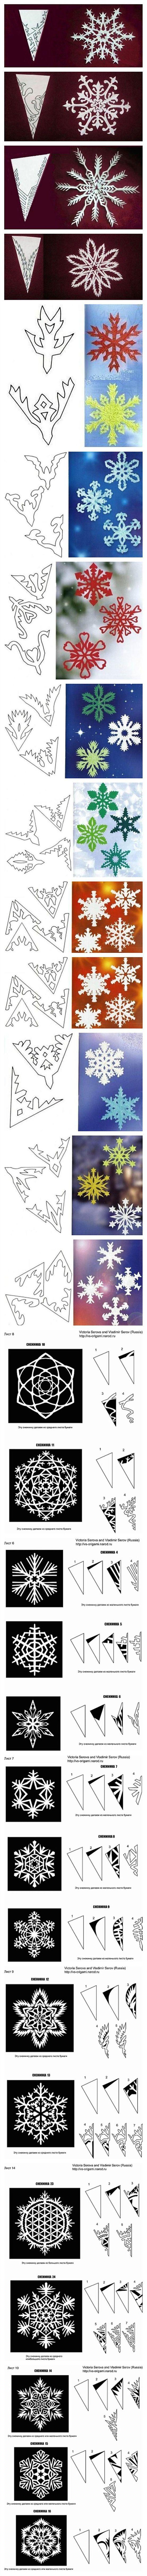 Вырезаем снежинки из бумаги | Разное | Постила